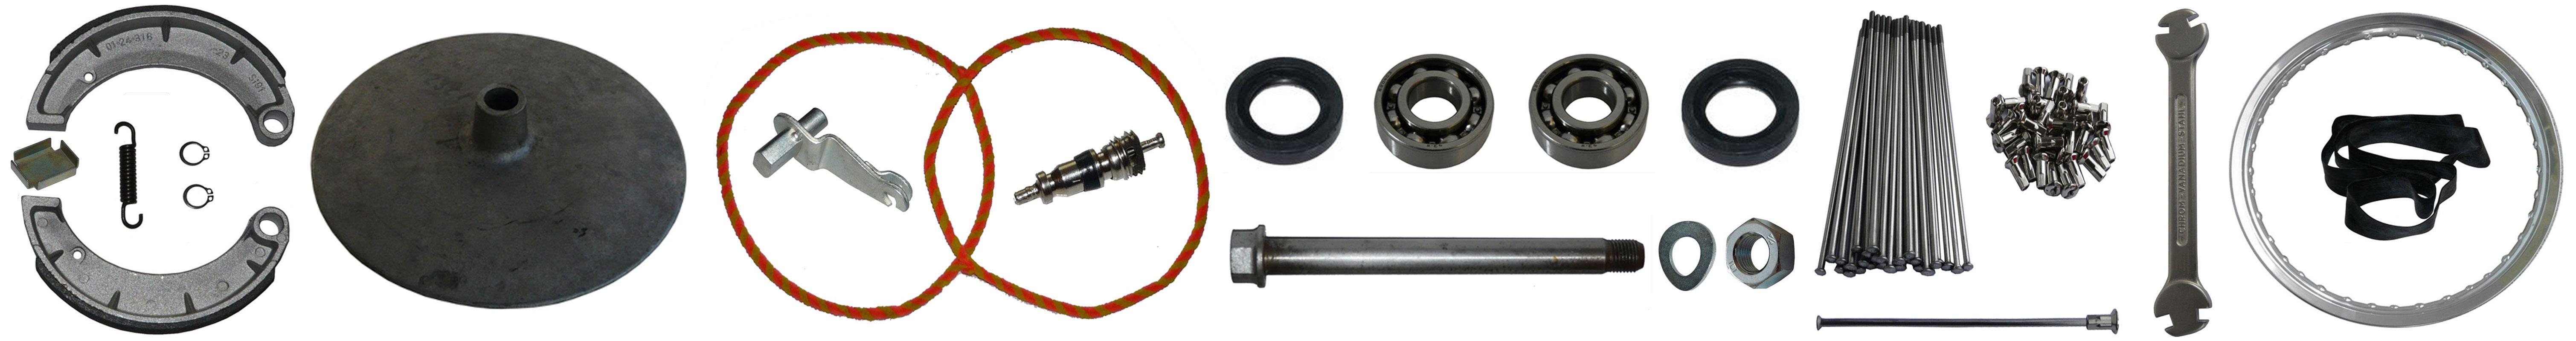 MZ ES 125 150 Ersatzteile Vorderrad